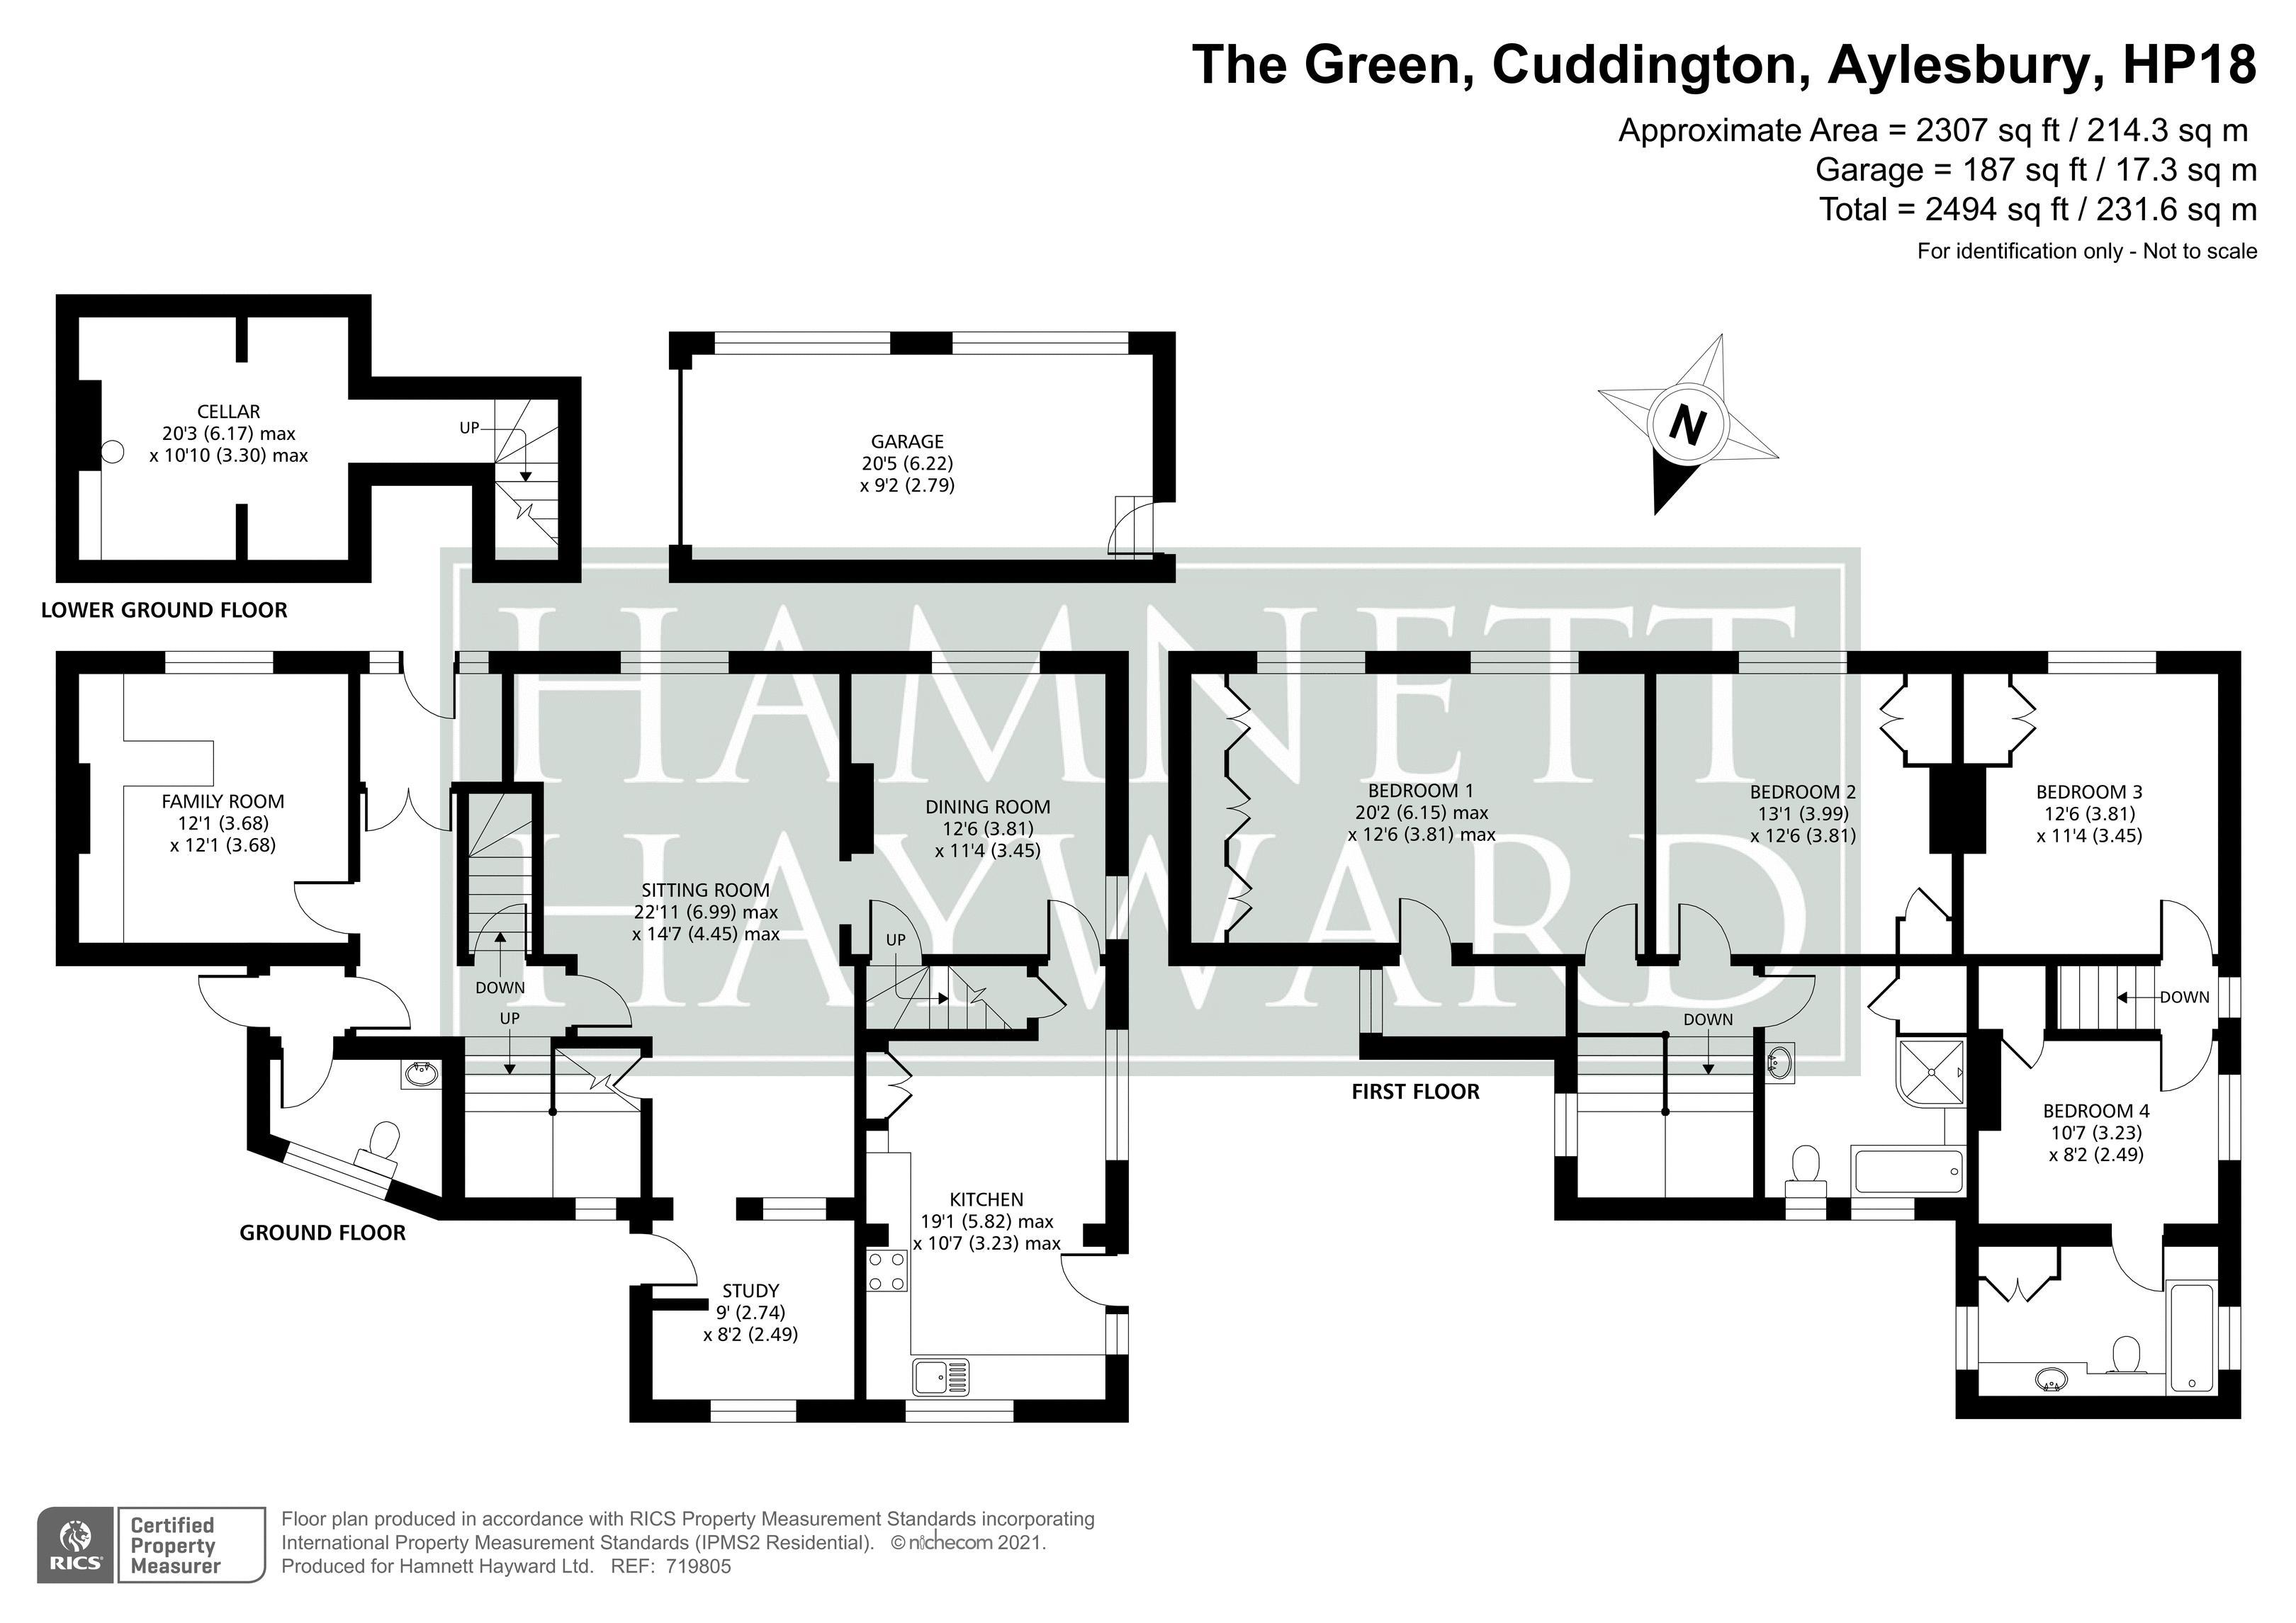 The Green Cuddington